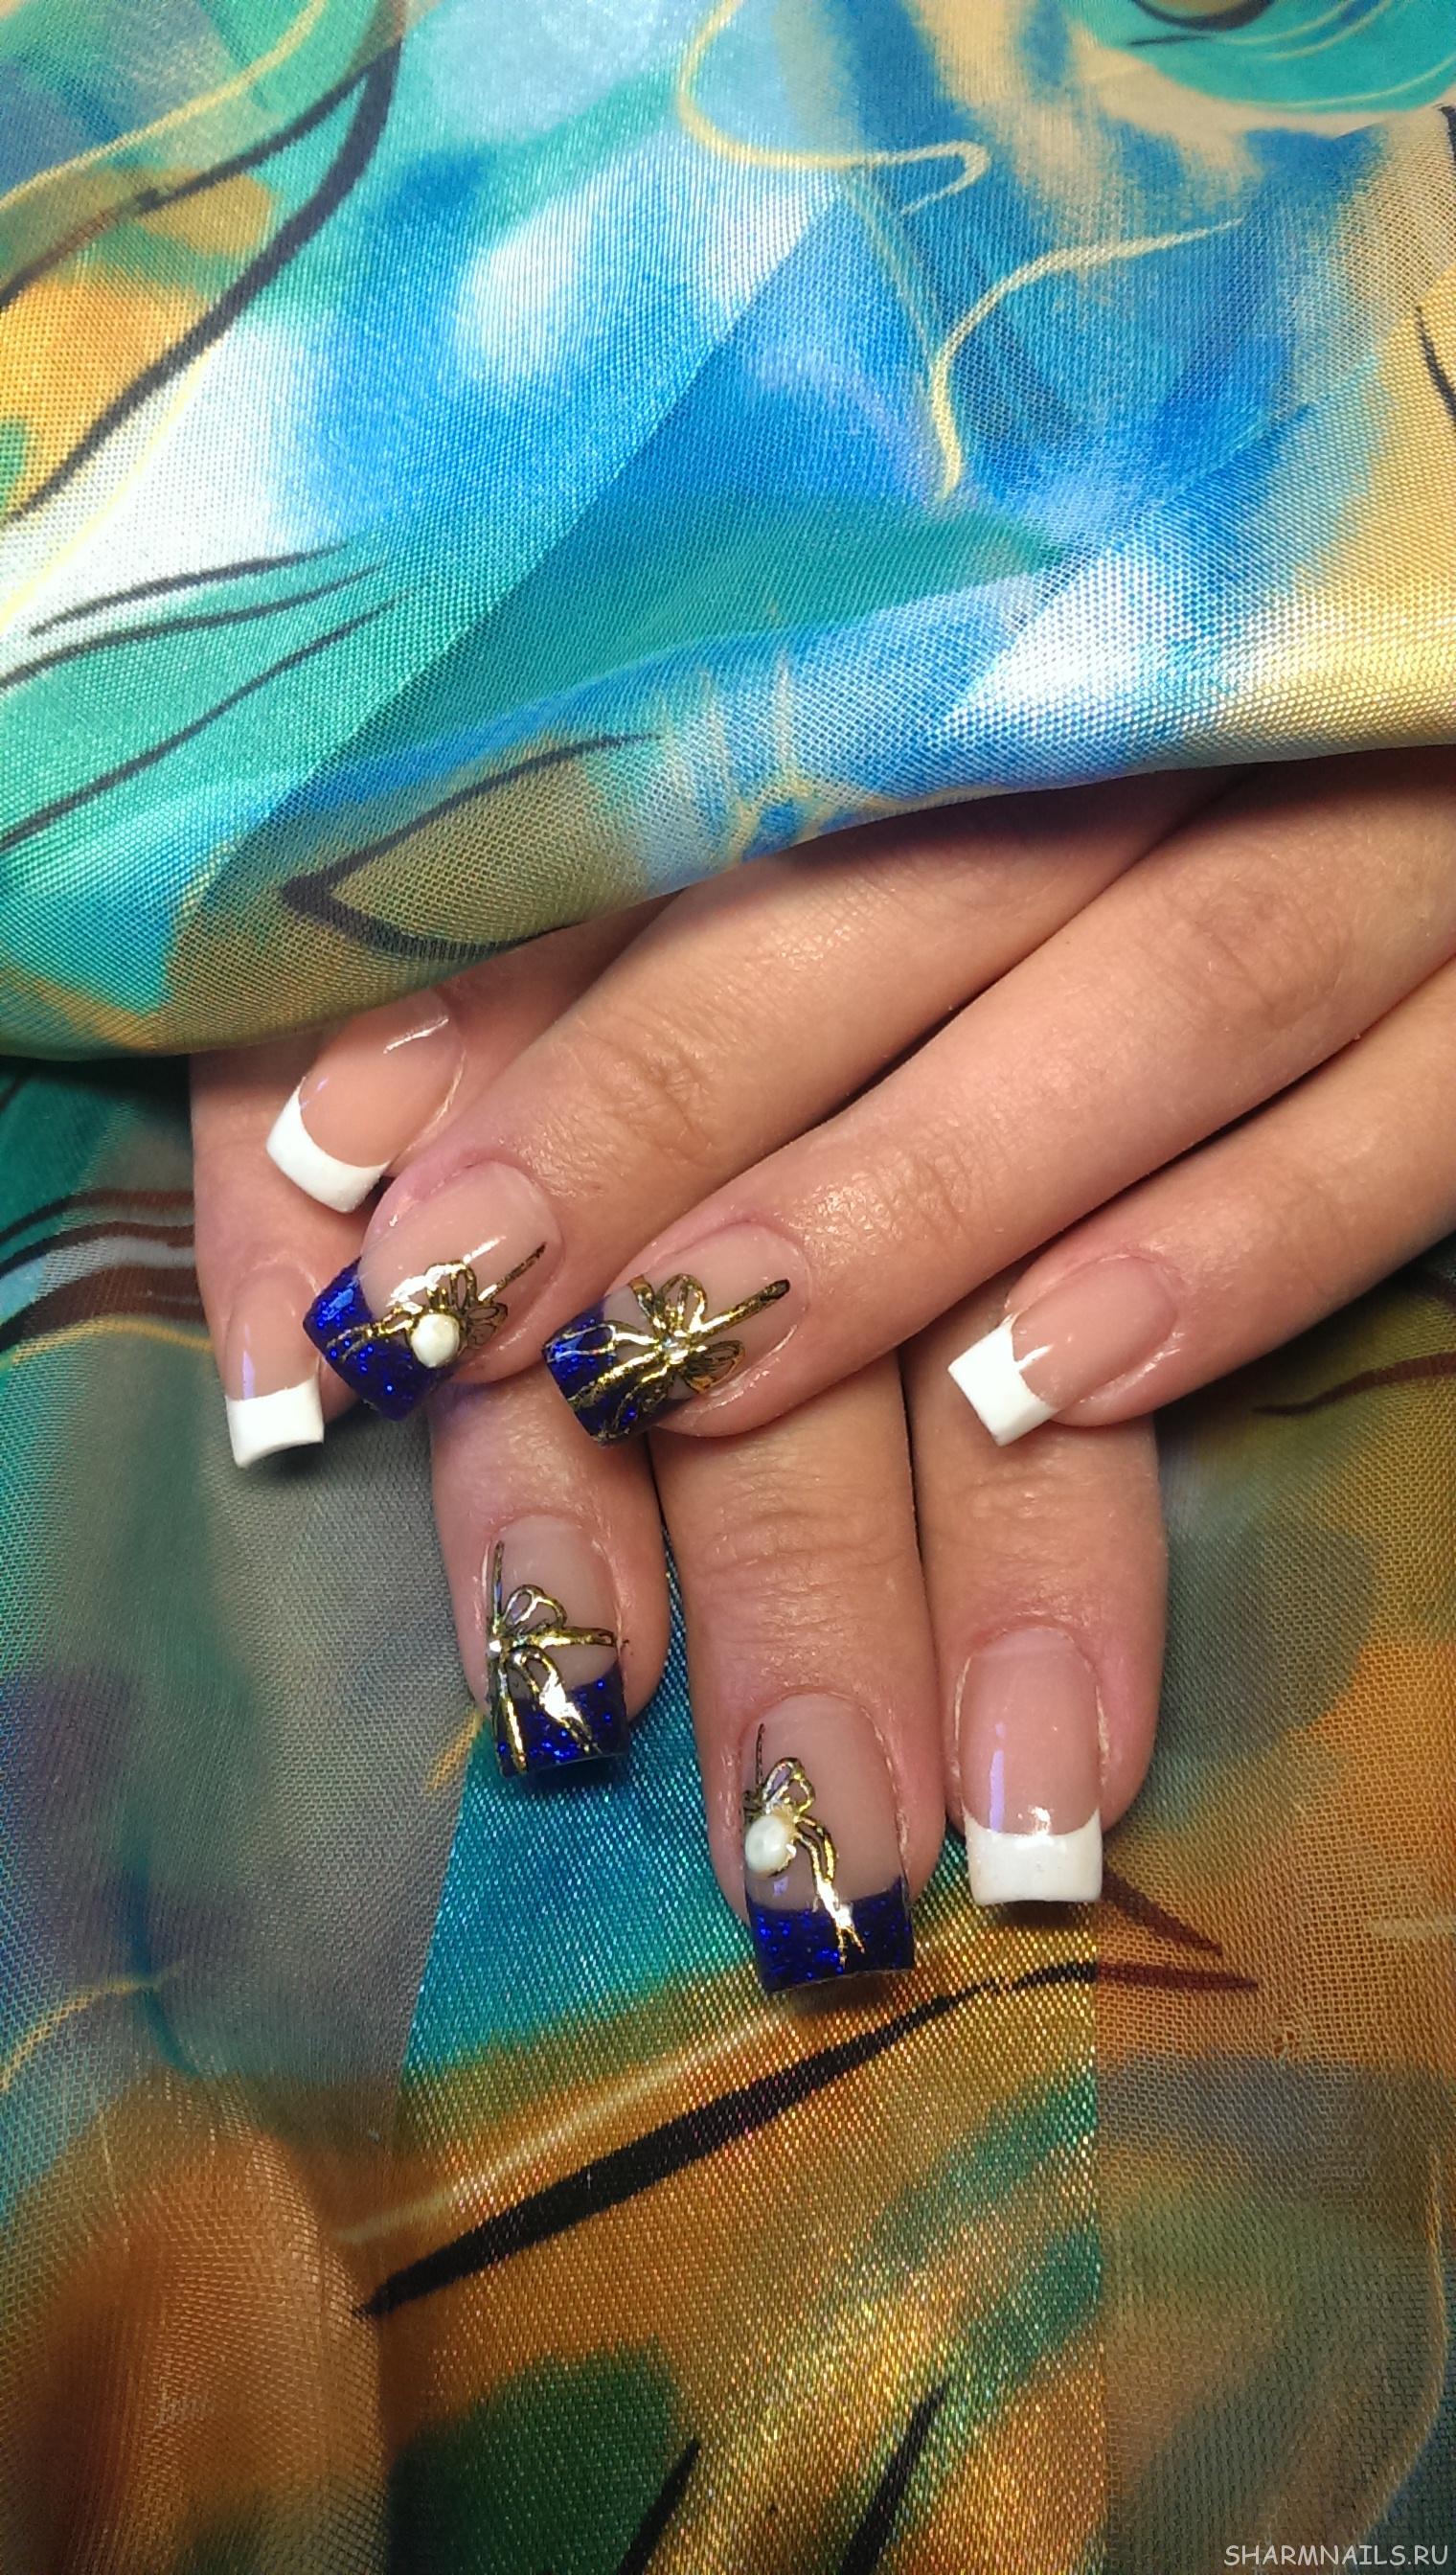 Жидкие камни на острых ногтях фото